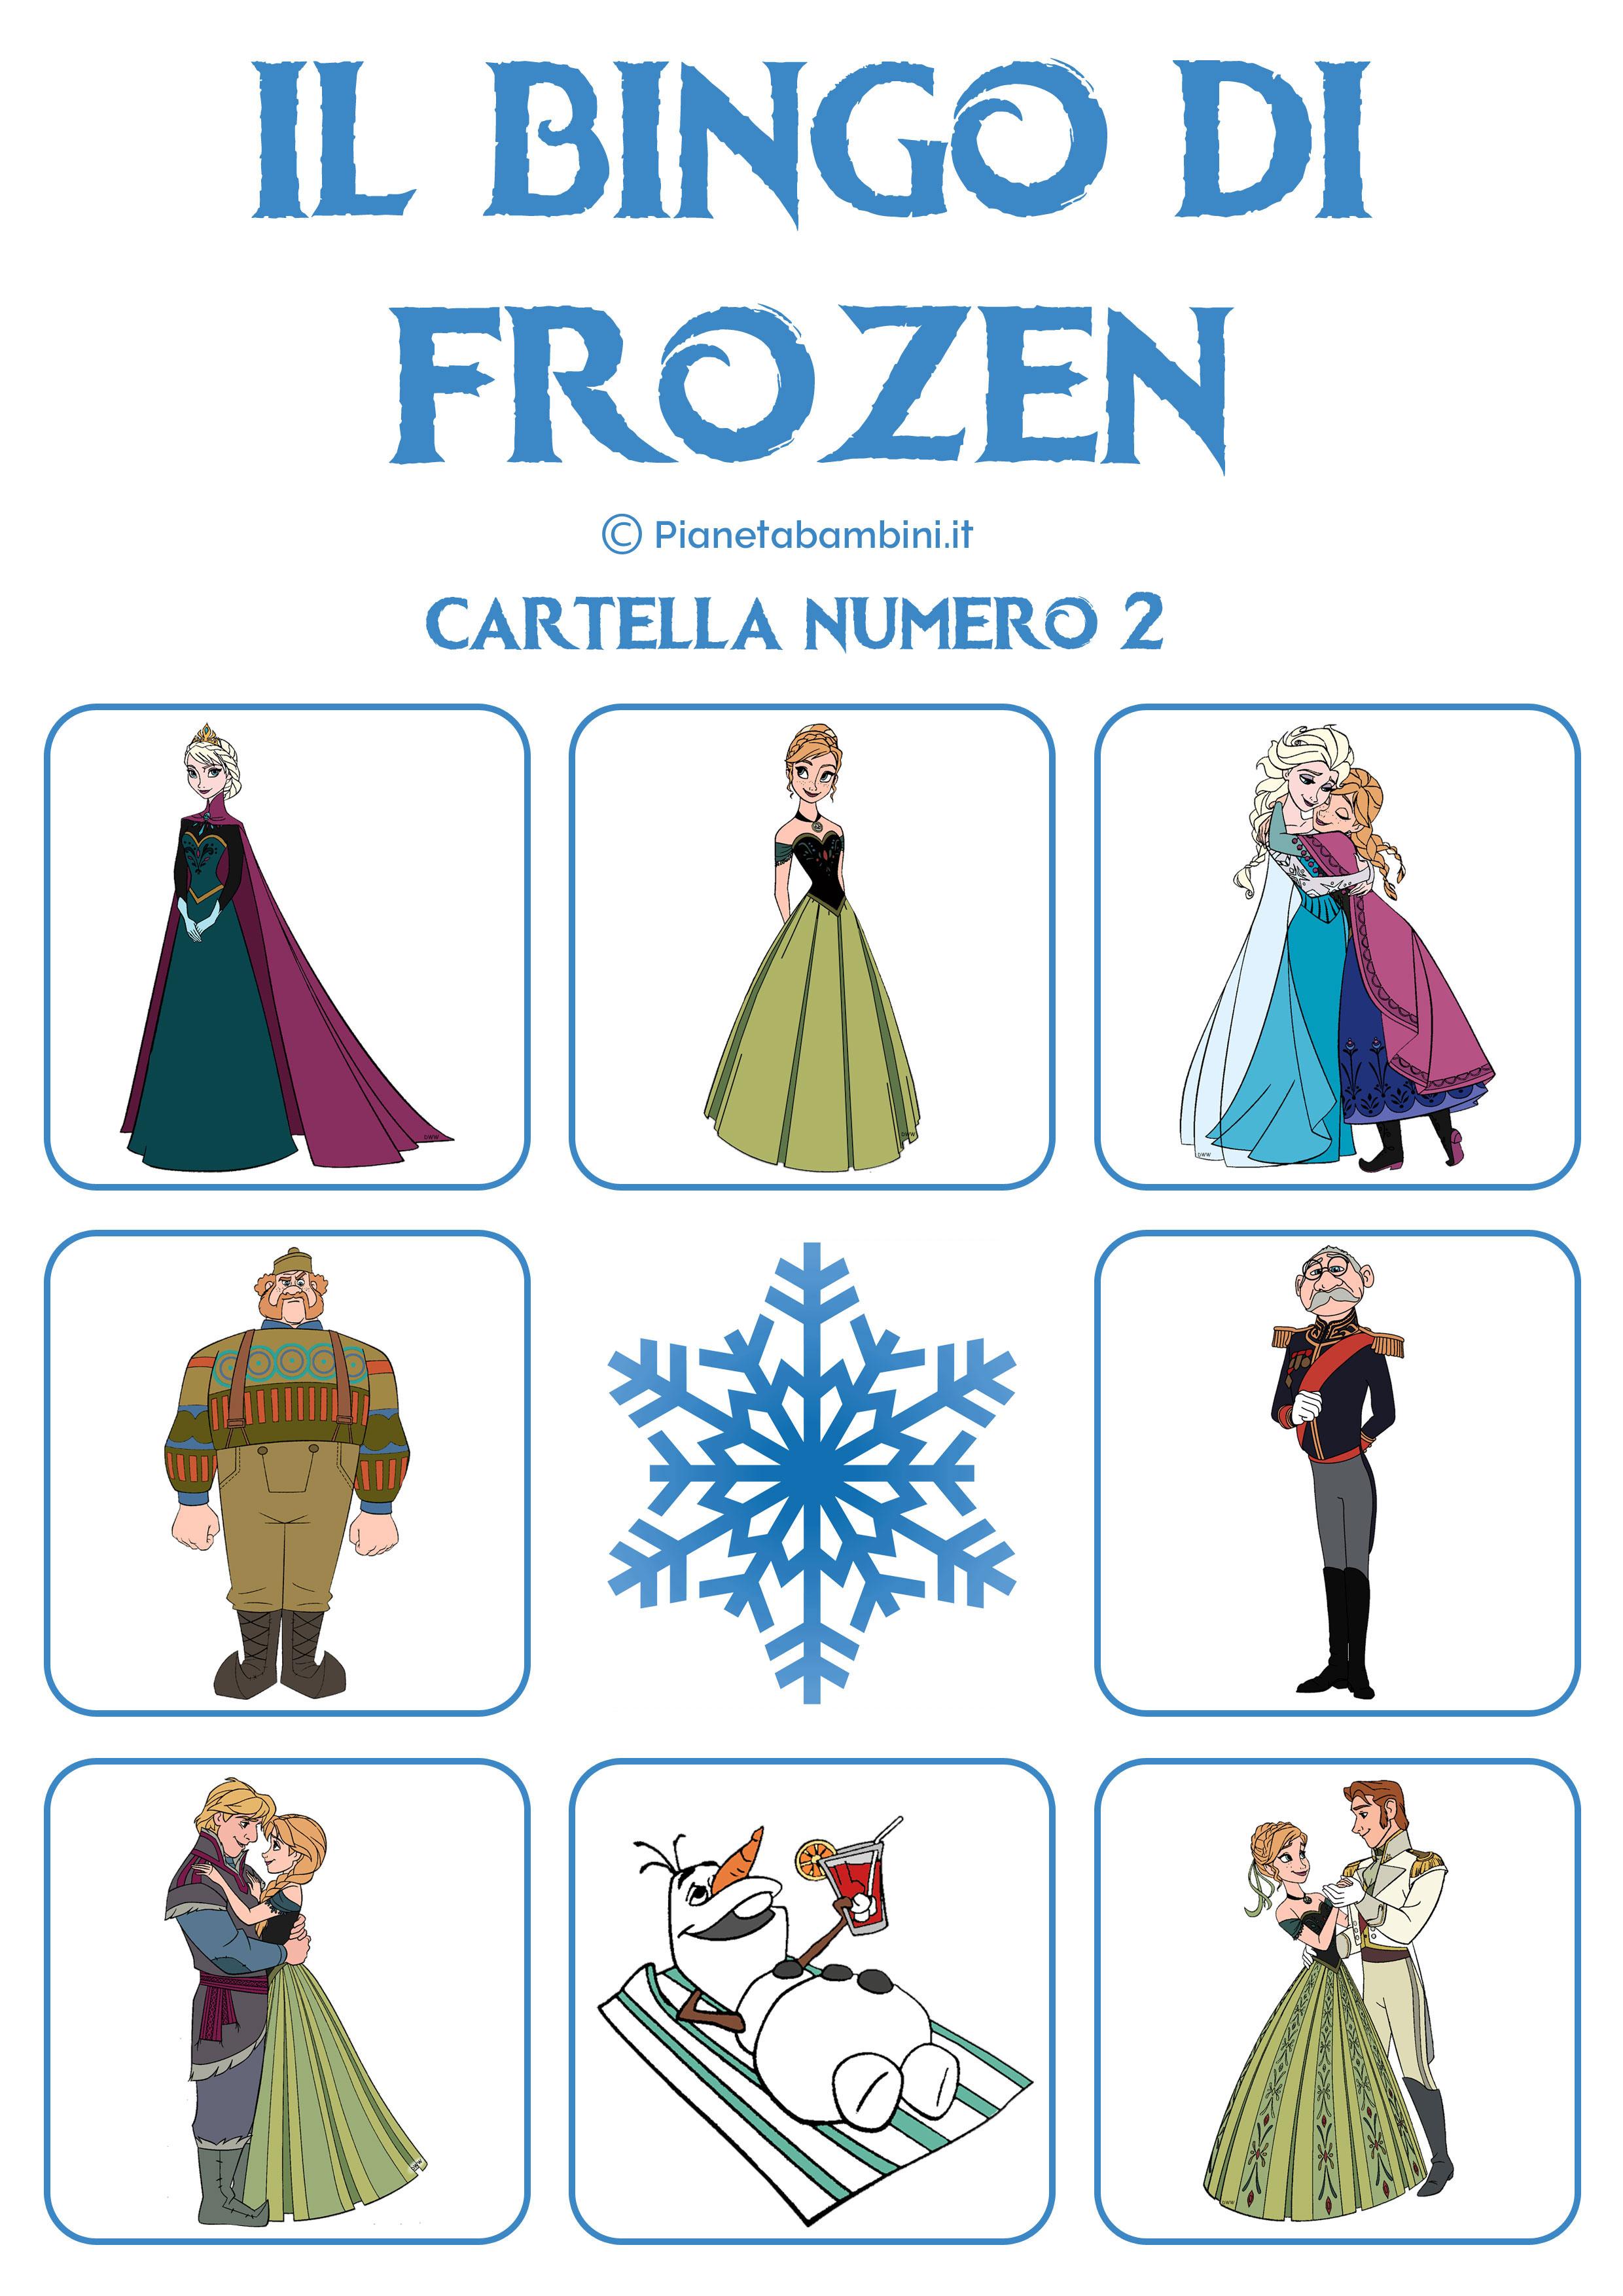 Bingo-Frozen-Cartella-2